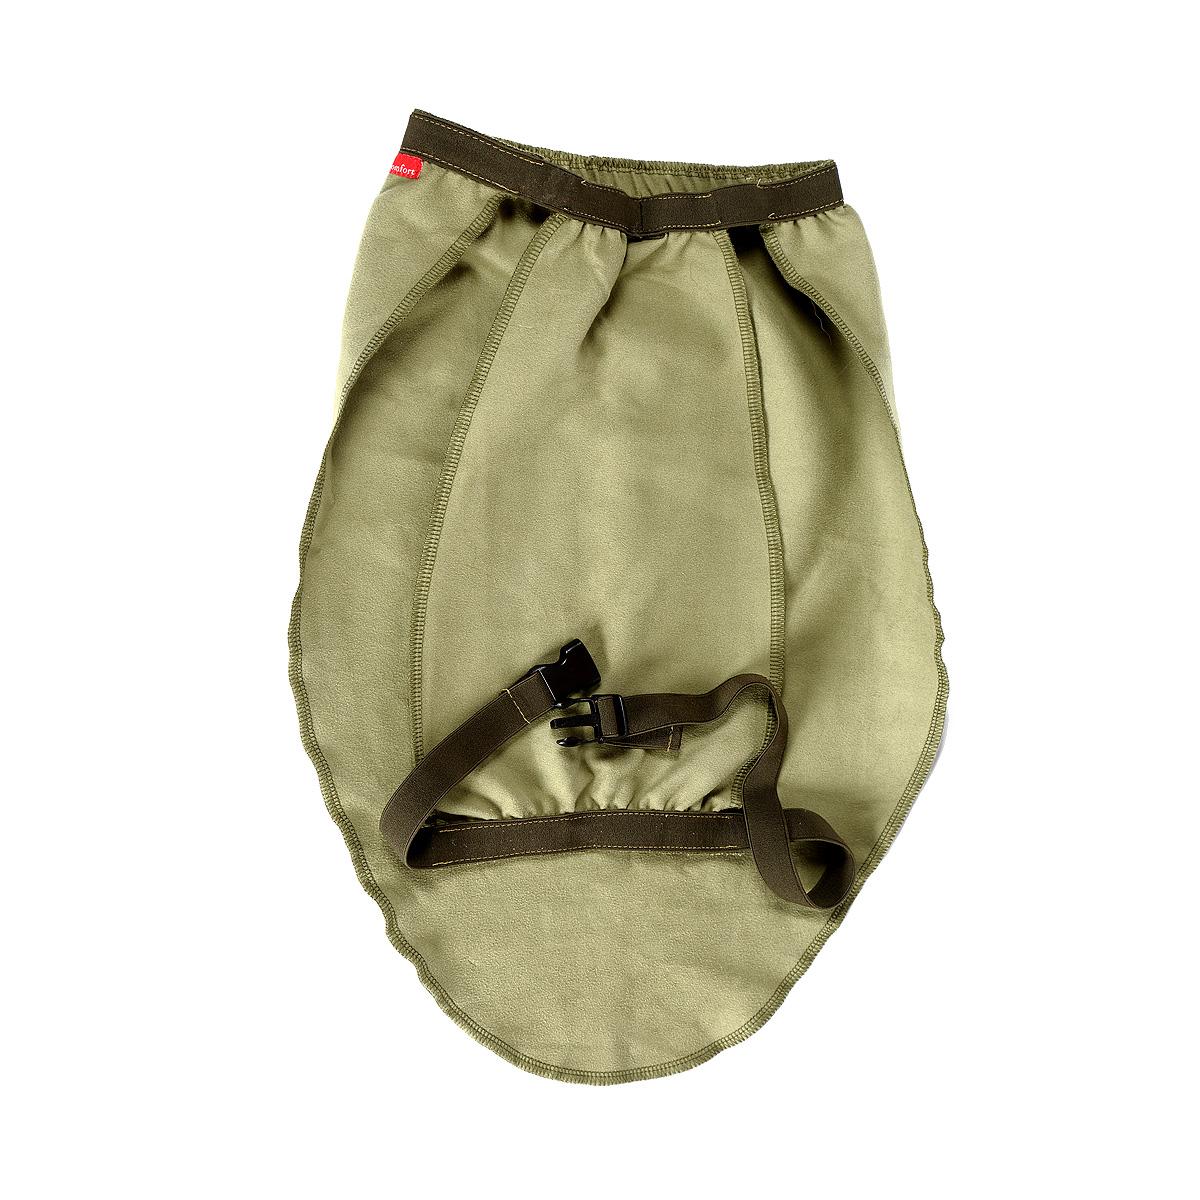 Попона для собак OSSO Fashion, охлаждающая, унисекс, цвет: оливковый. Размер 80